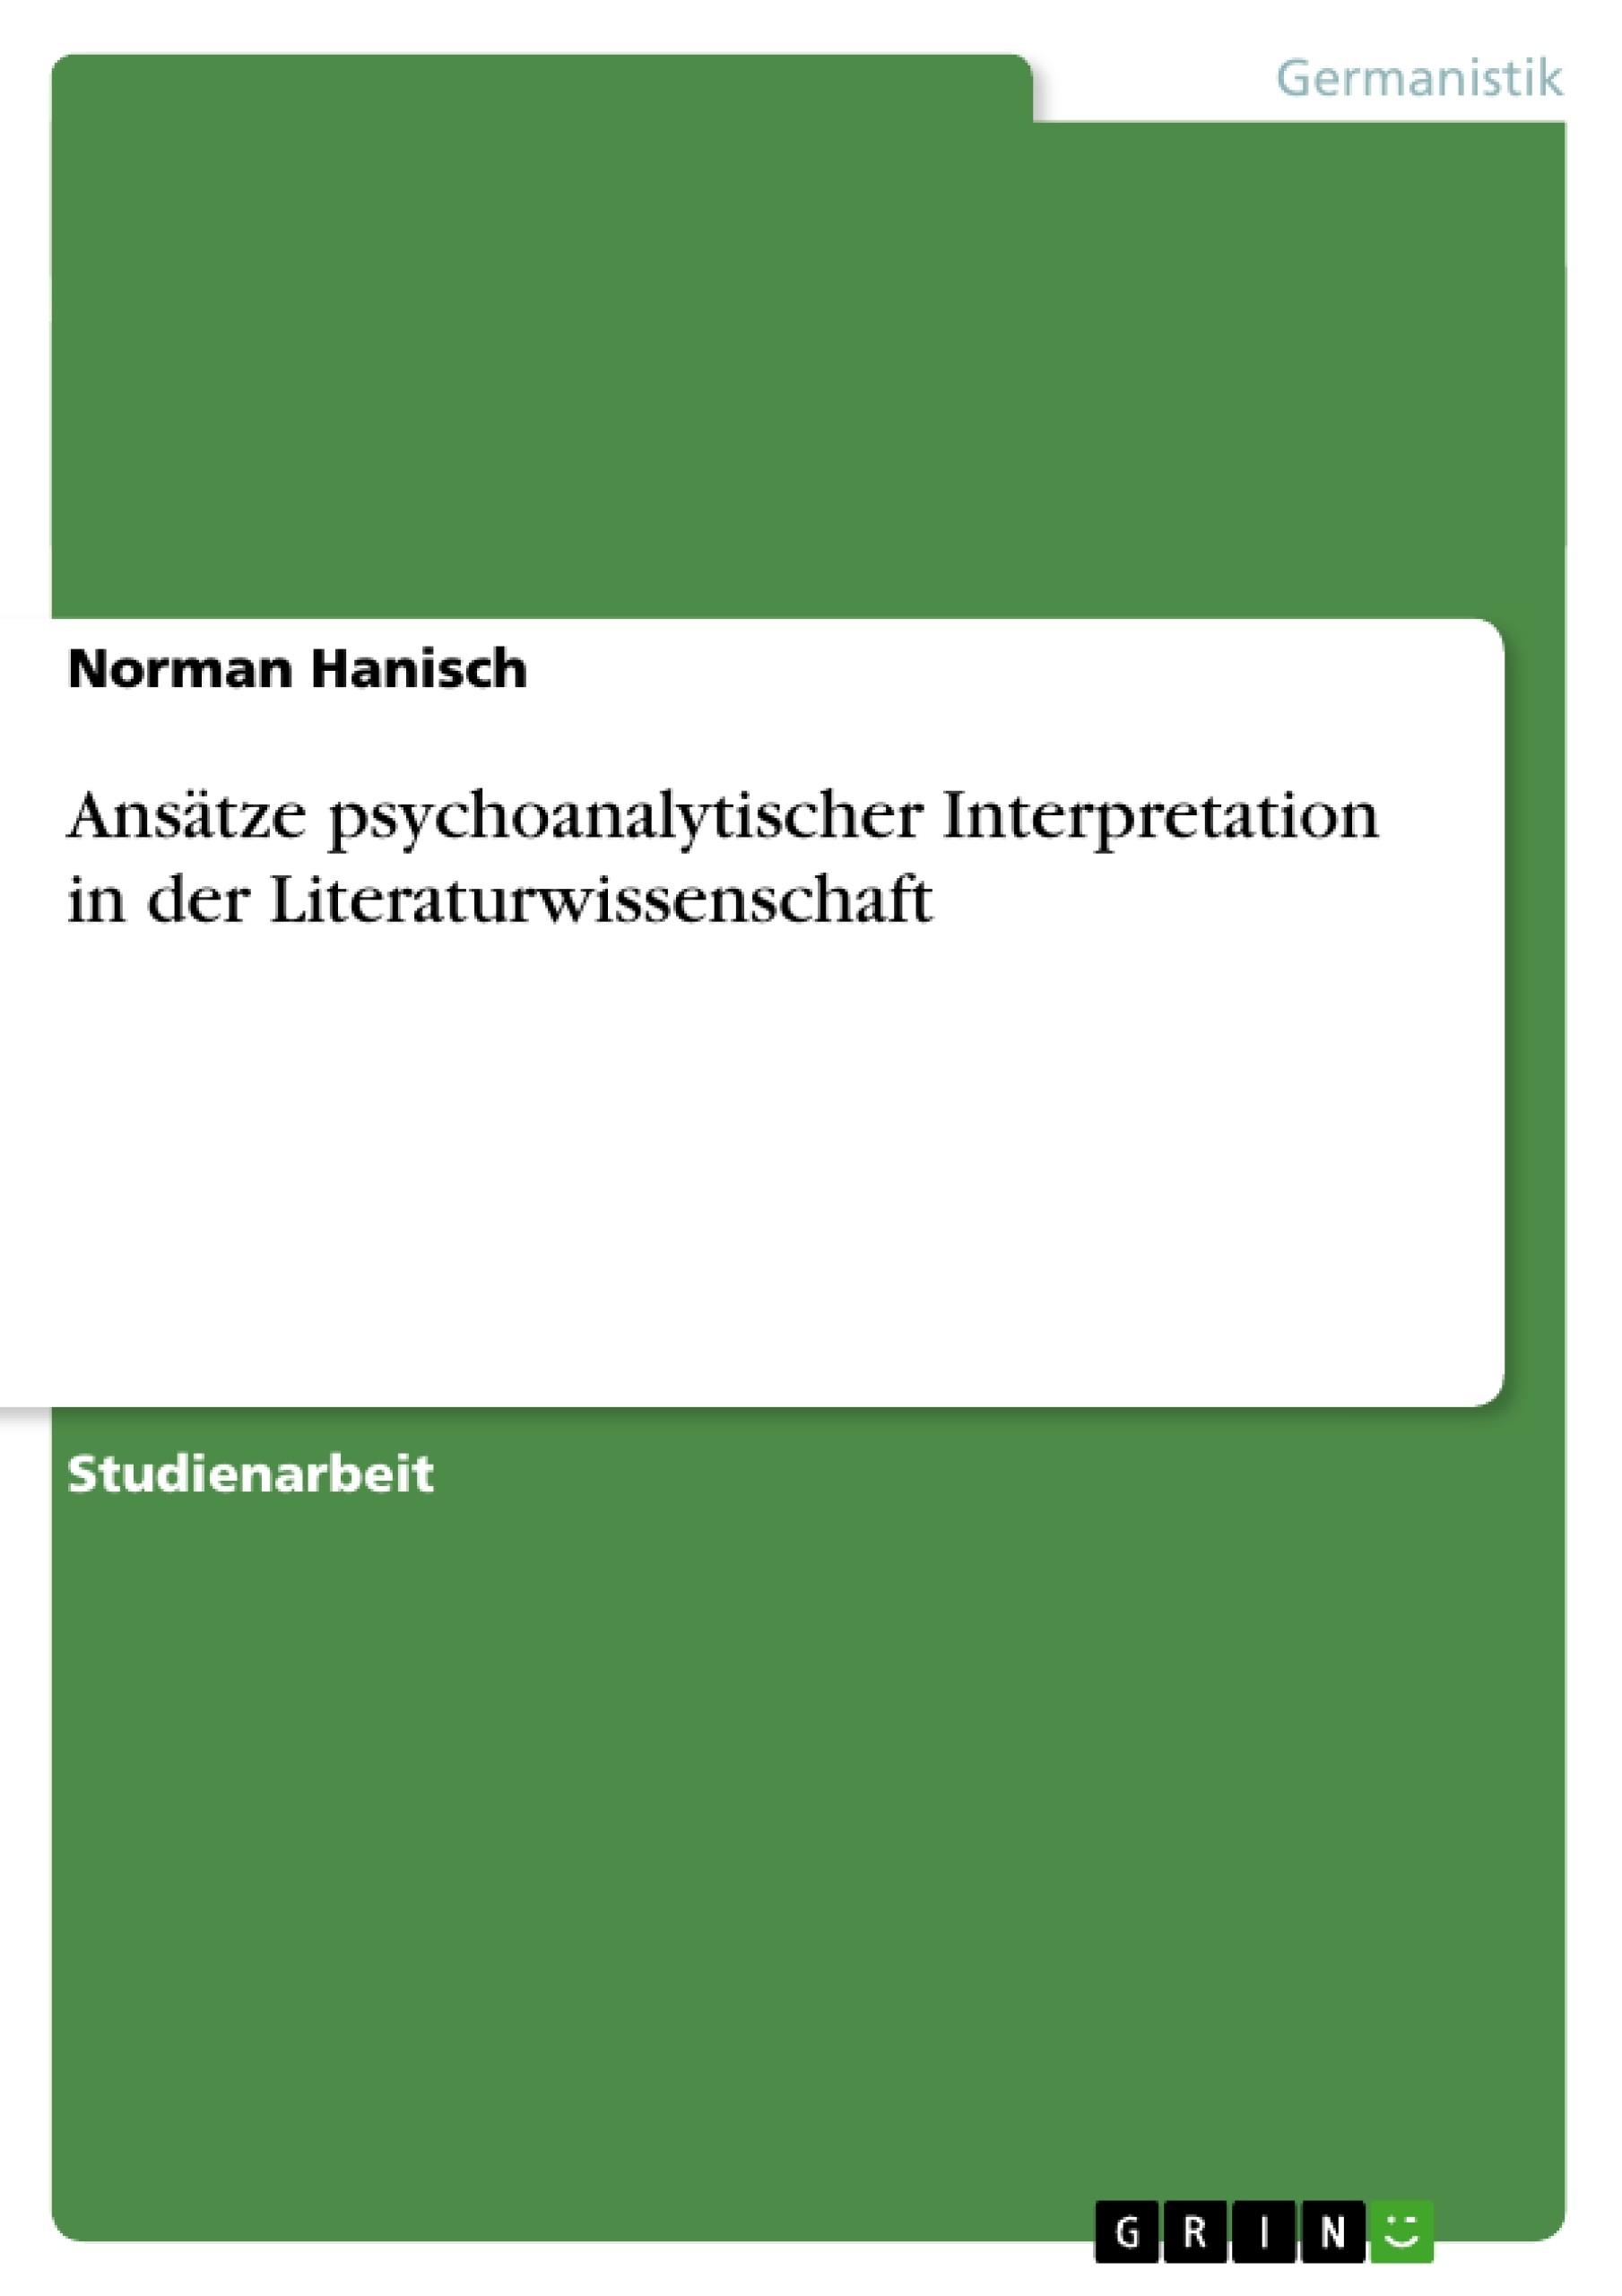 Titel: Ansätze psychoanalytischer Interpretation in der Literaturwissenschaft